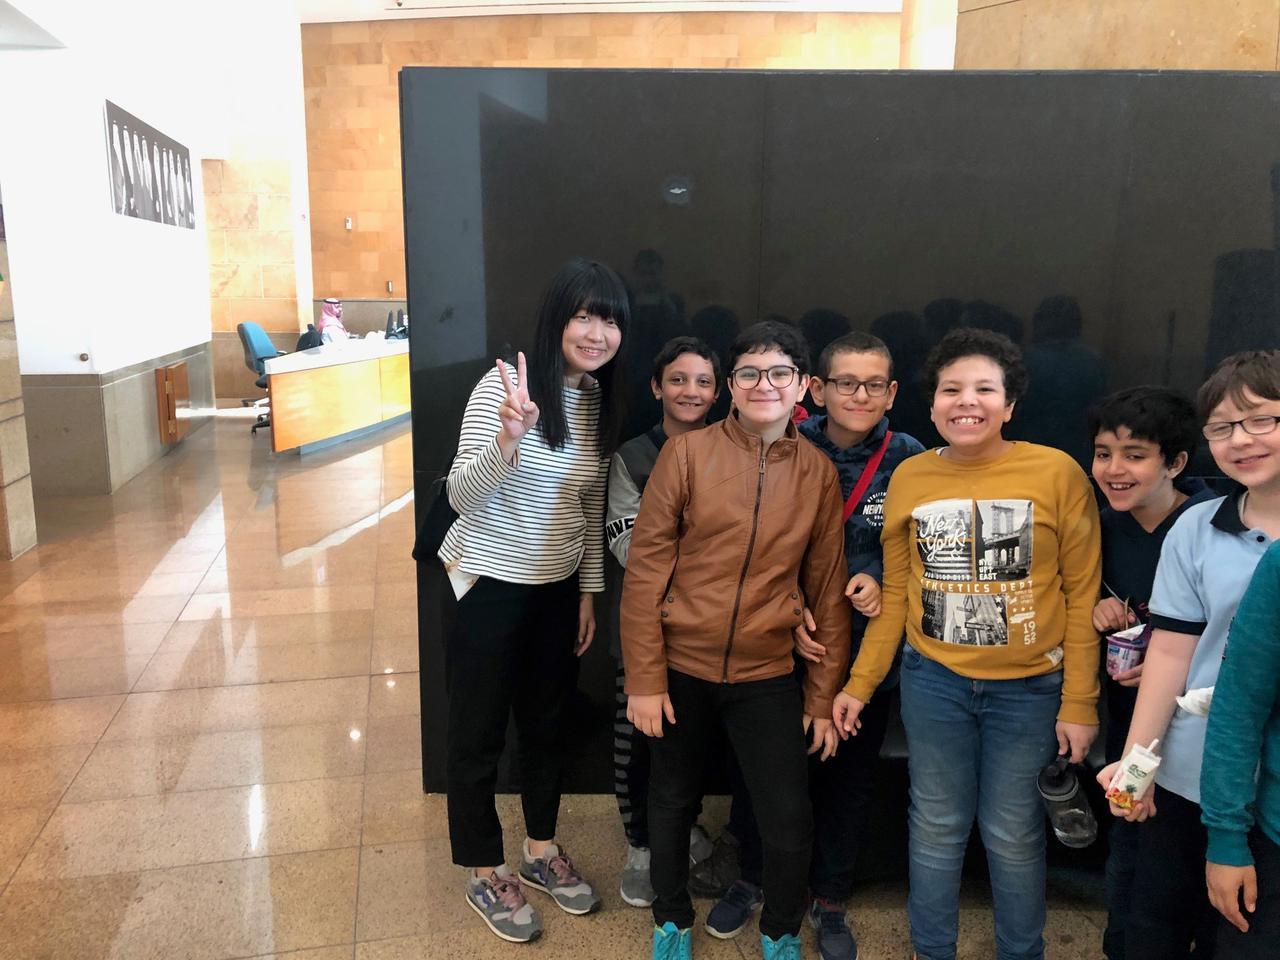 画像: 国立博物館で出会った、サウジアラビアの小学生たち。恥ずかしがりながらも写真撮影に応じてくれました。